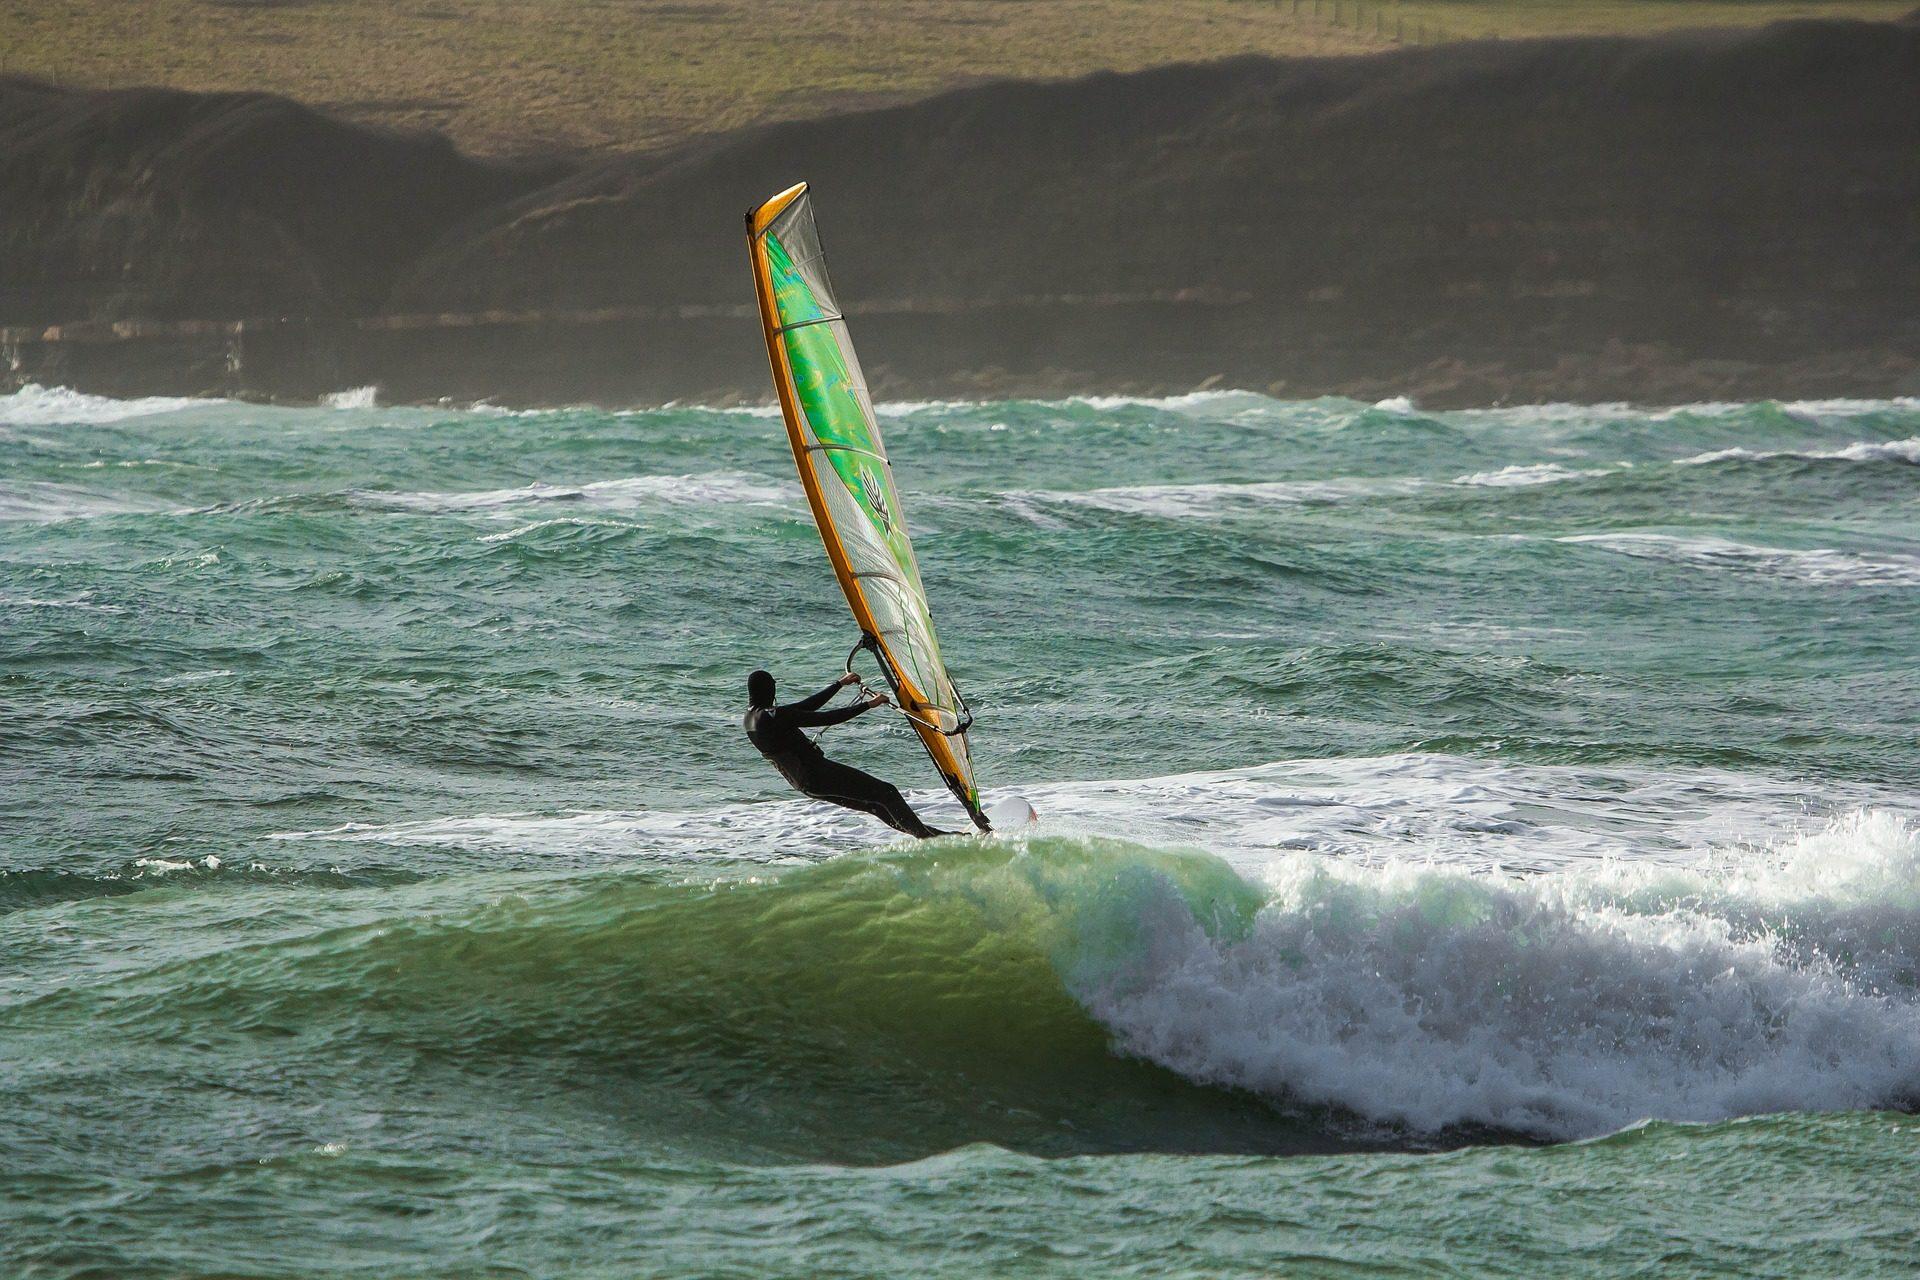 Surf, windsurf, ondas, Mar, risco, vento - Papéis de parede HD - Professor-falken.com